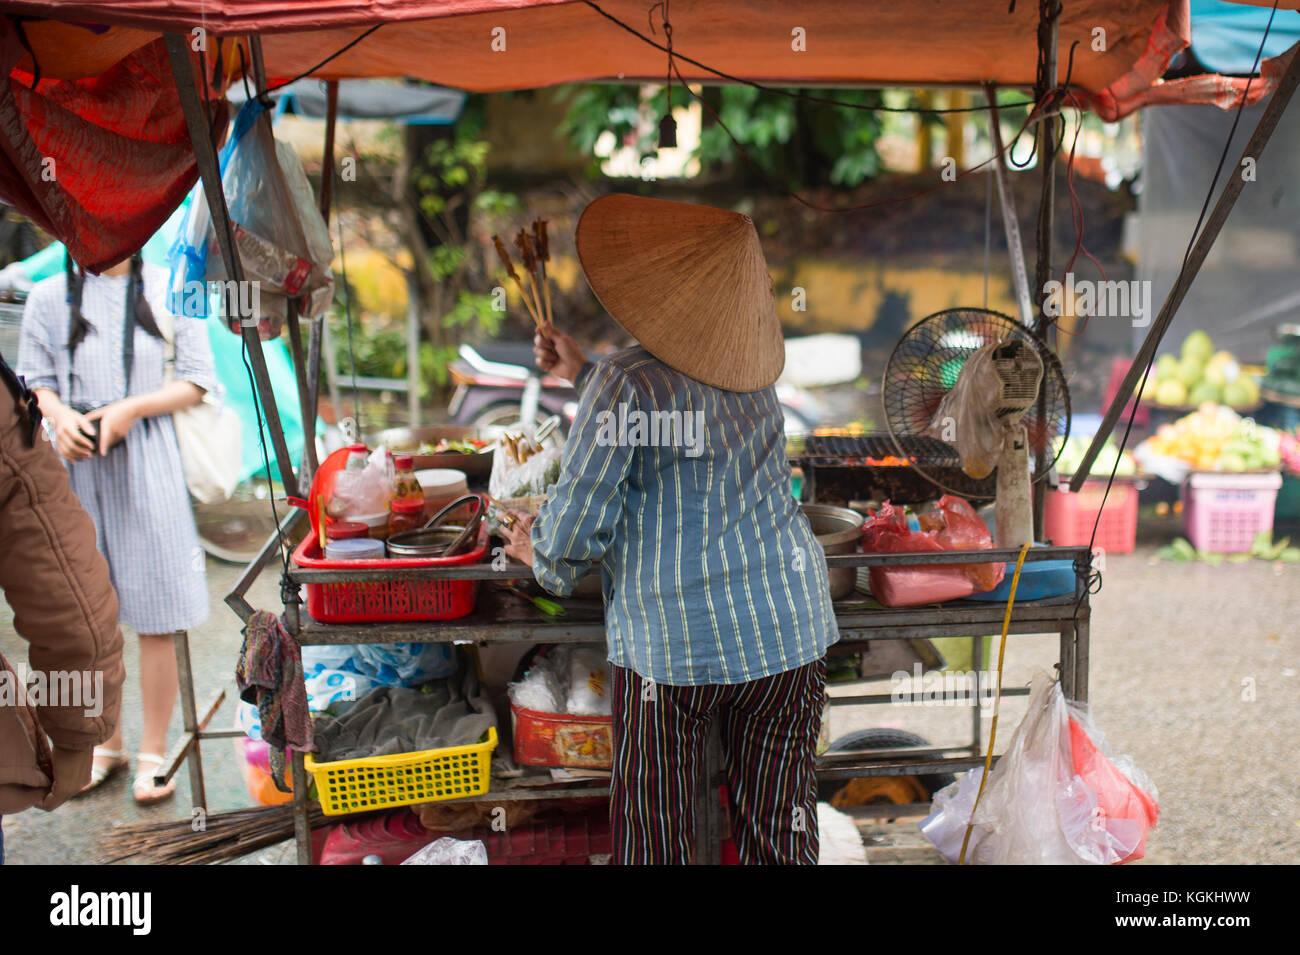 - Selektiver Fokus - nicht identifizierte Frau mit typischen vietnamesischen konischen Hüten verkaufen frisches Gemüse und Fleisch Spieße auf einem Straßenmarkt in Hoi An, Vietnam Stockfoto